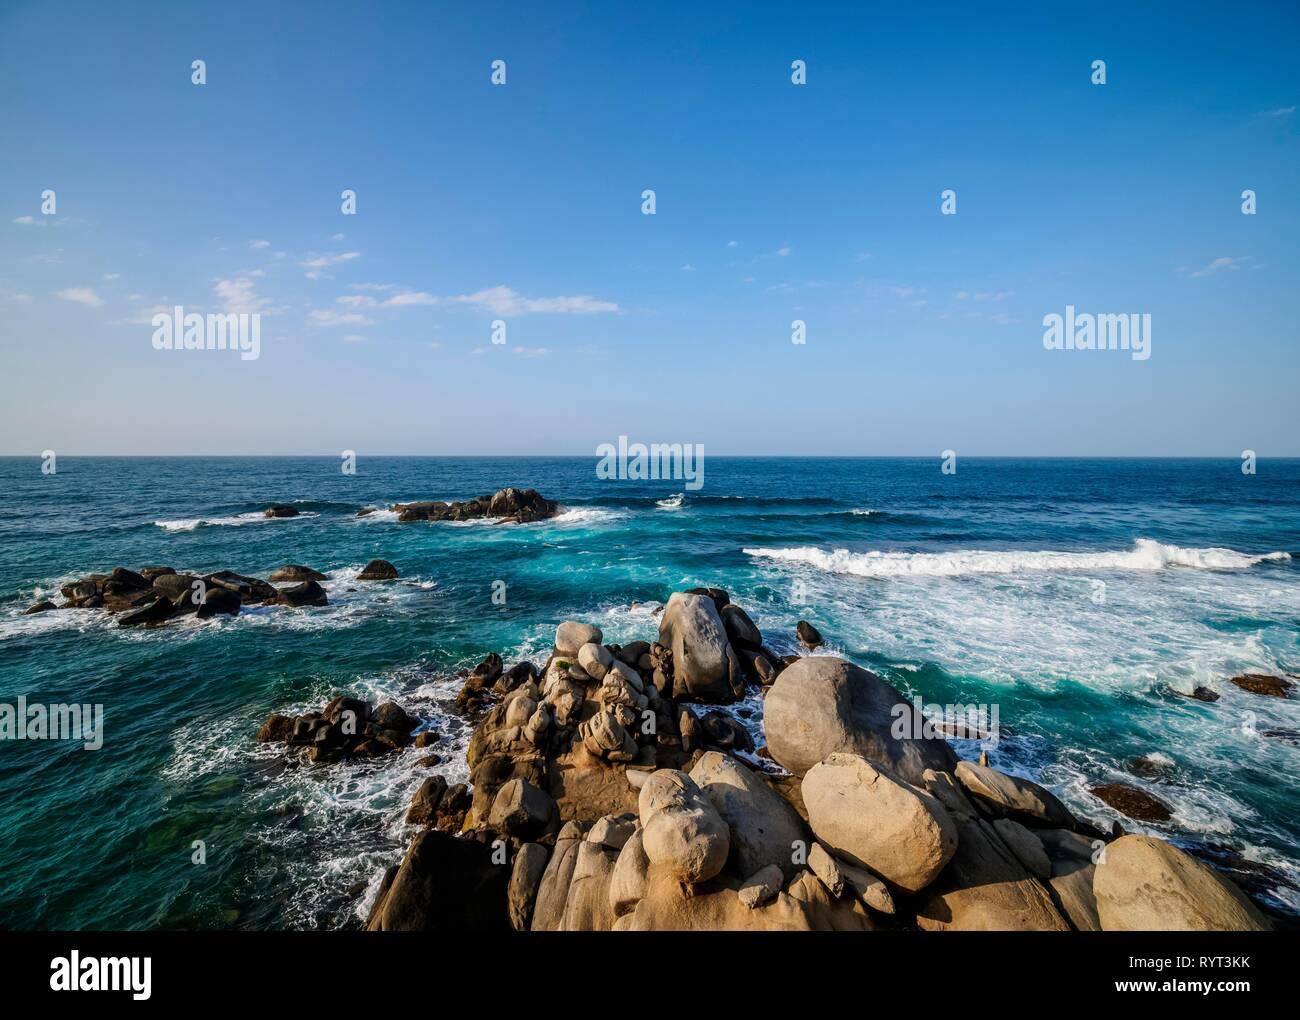 Rocky Coast at El Cabo San Juan del Guia, Tayrona National Natural Park, Magdalena Department, Caribbean, Colombia - Stock Image